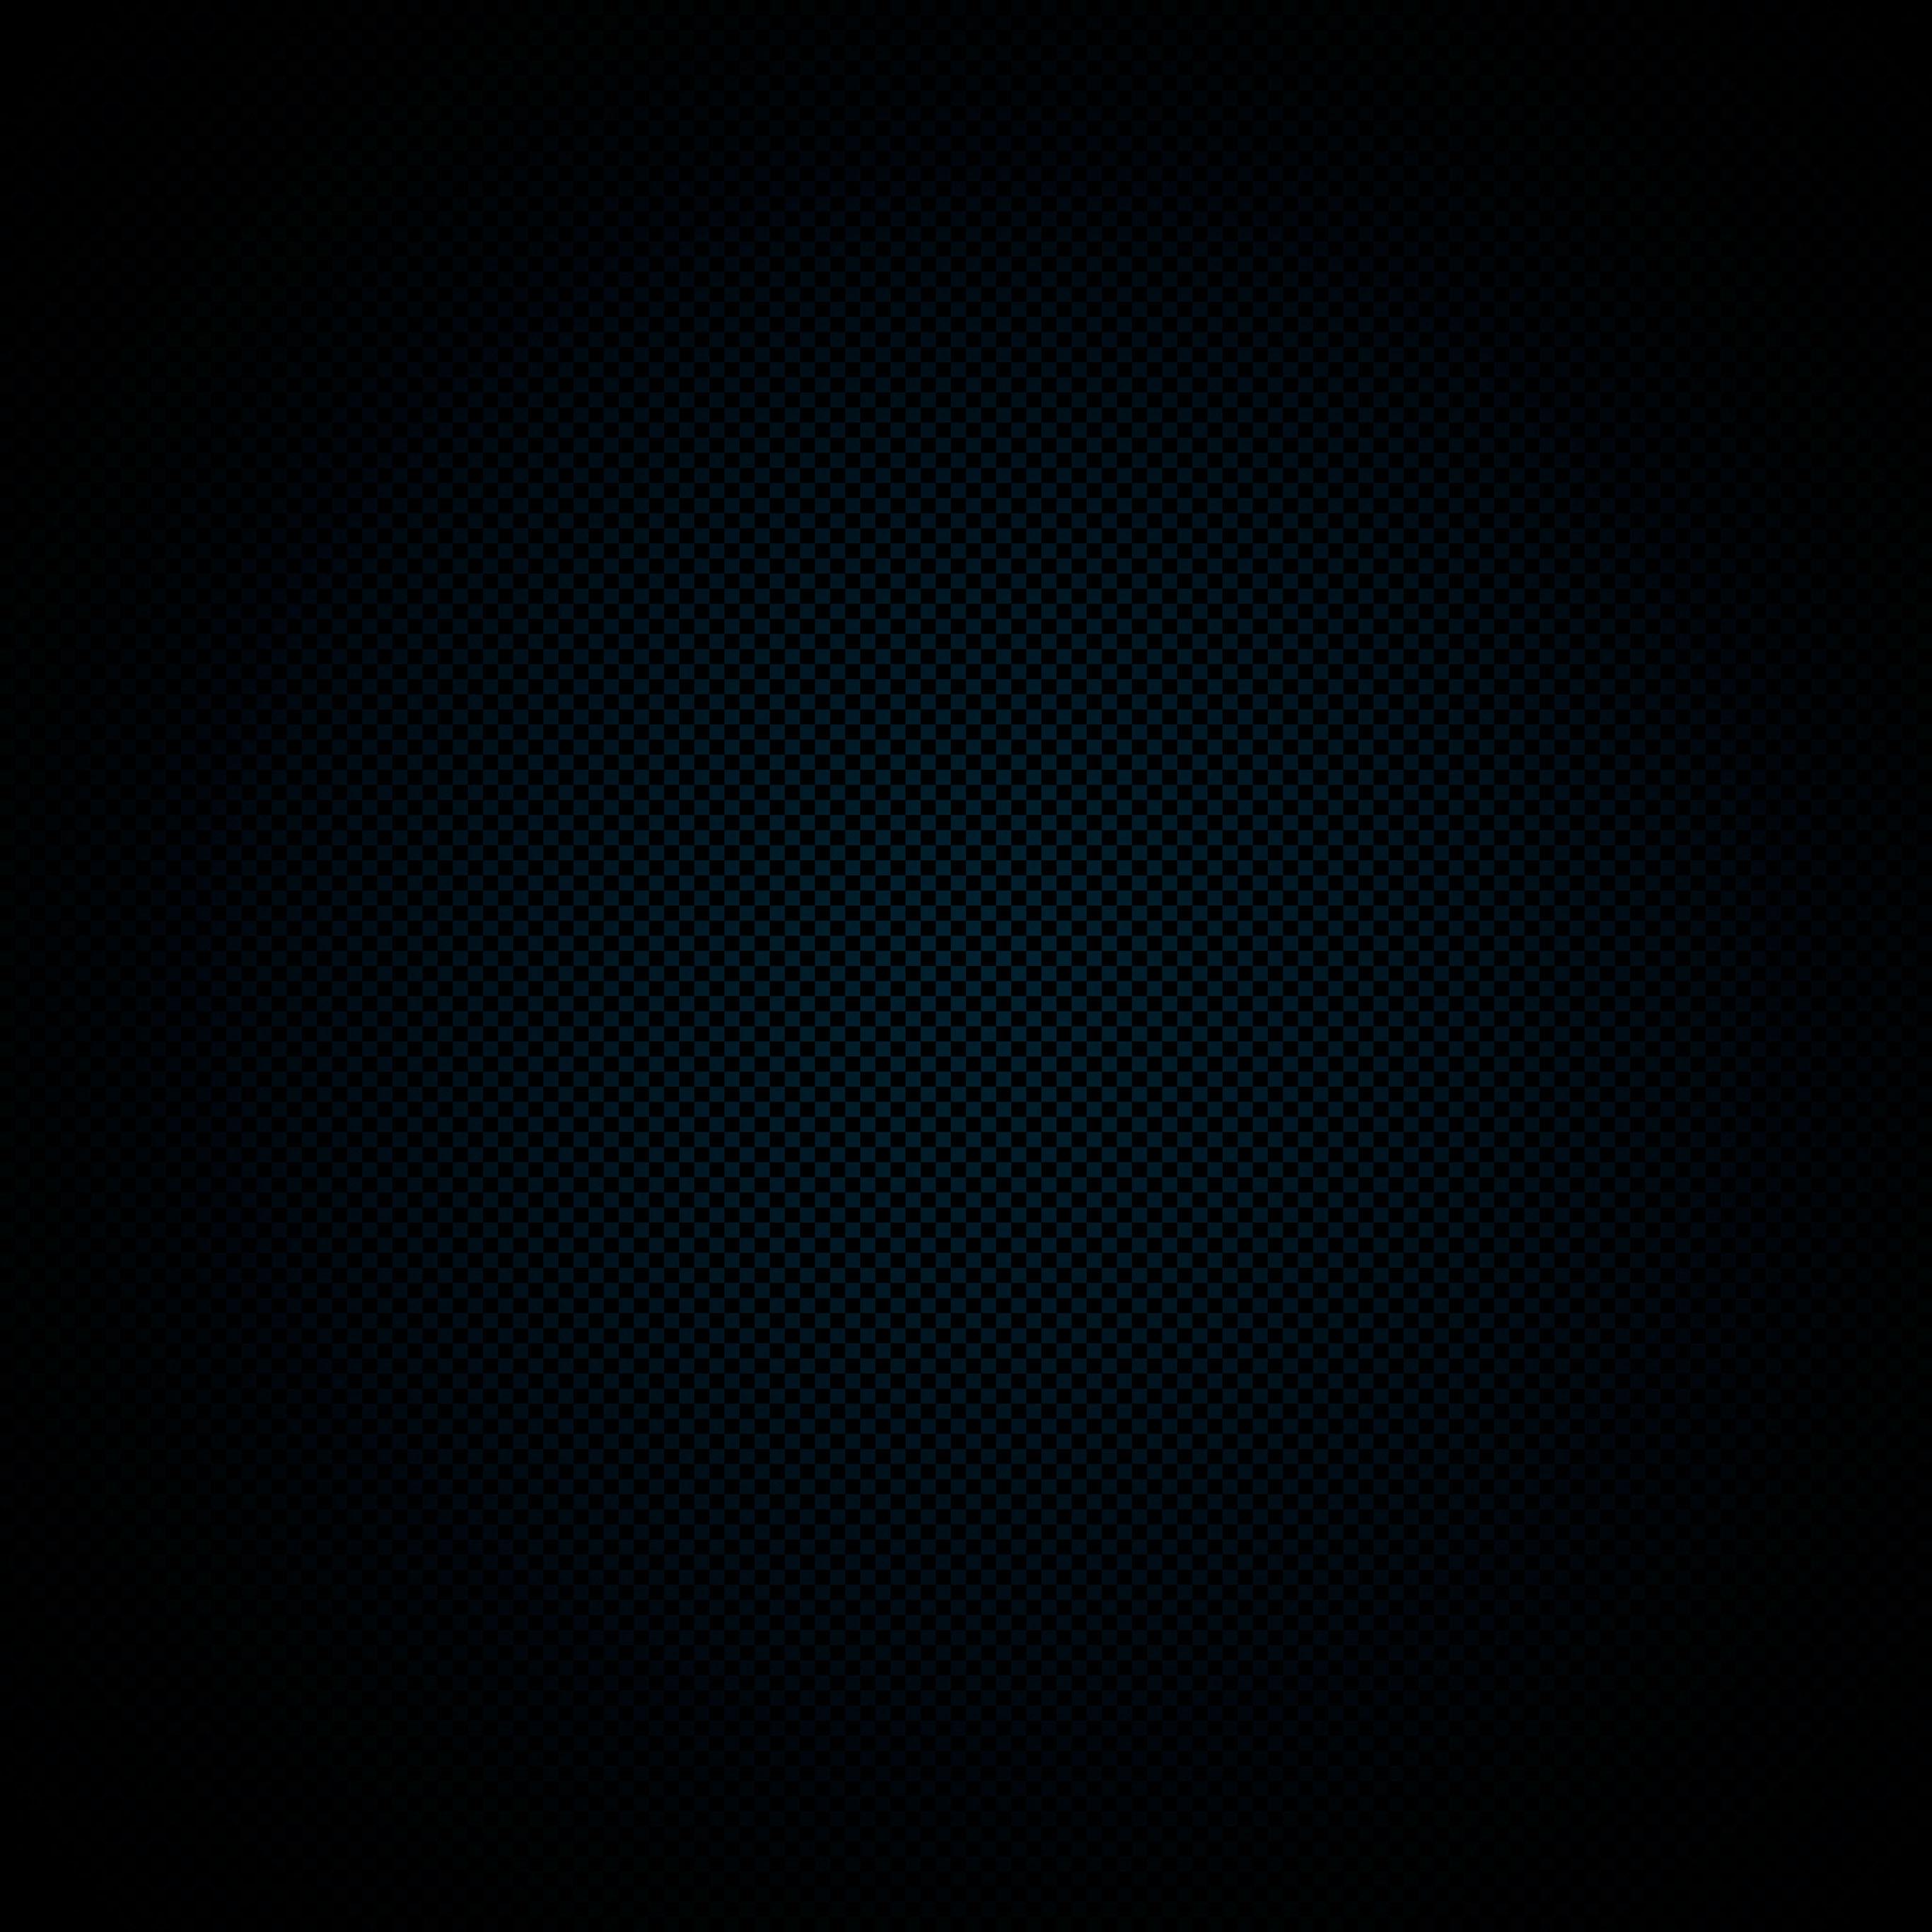 Black Background 2 iPad Pro Wallpaper iPad Pro Wallpaper HD 2732x2732